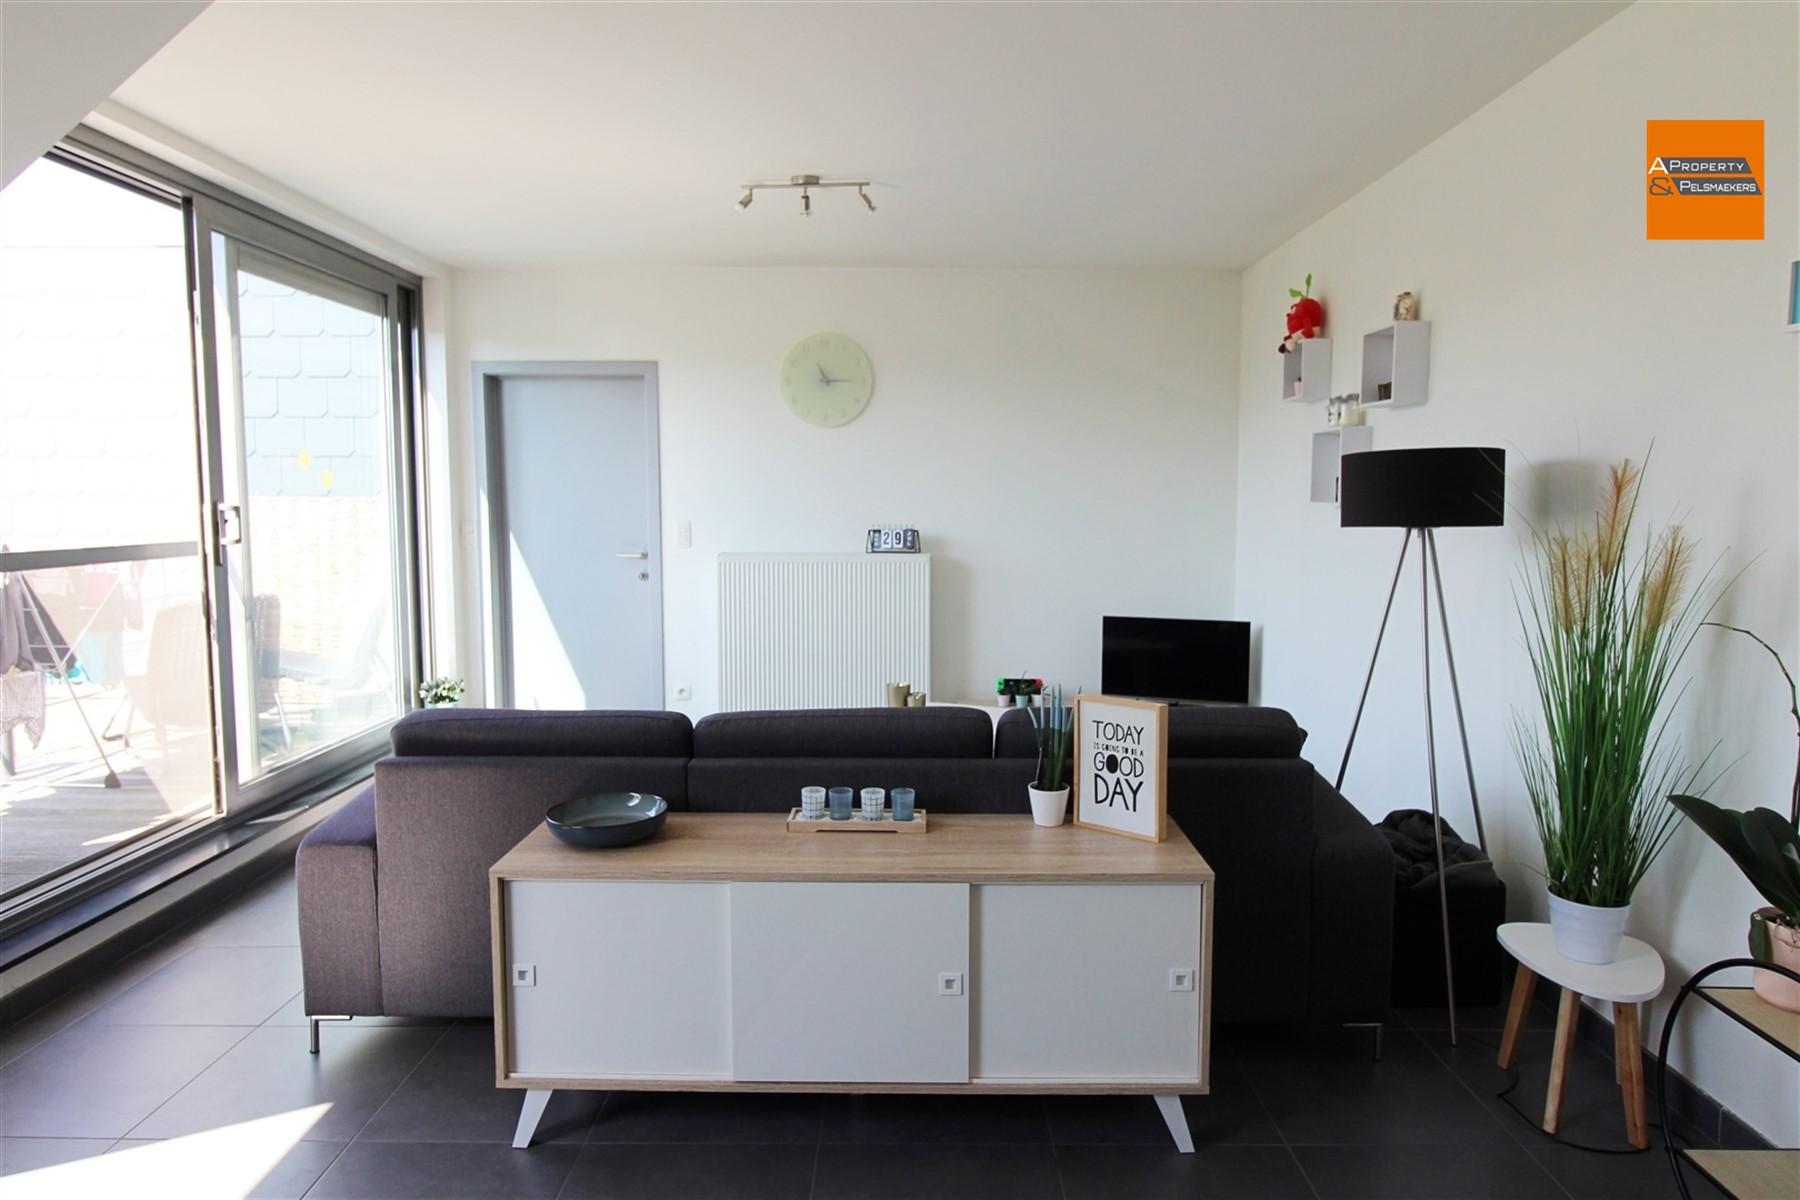 Foto 4 : Appartement in 3020 Herent (België) - Prijs € 269.000